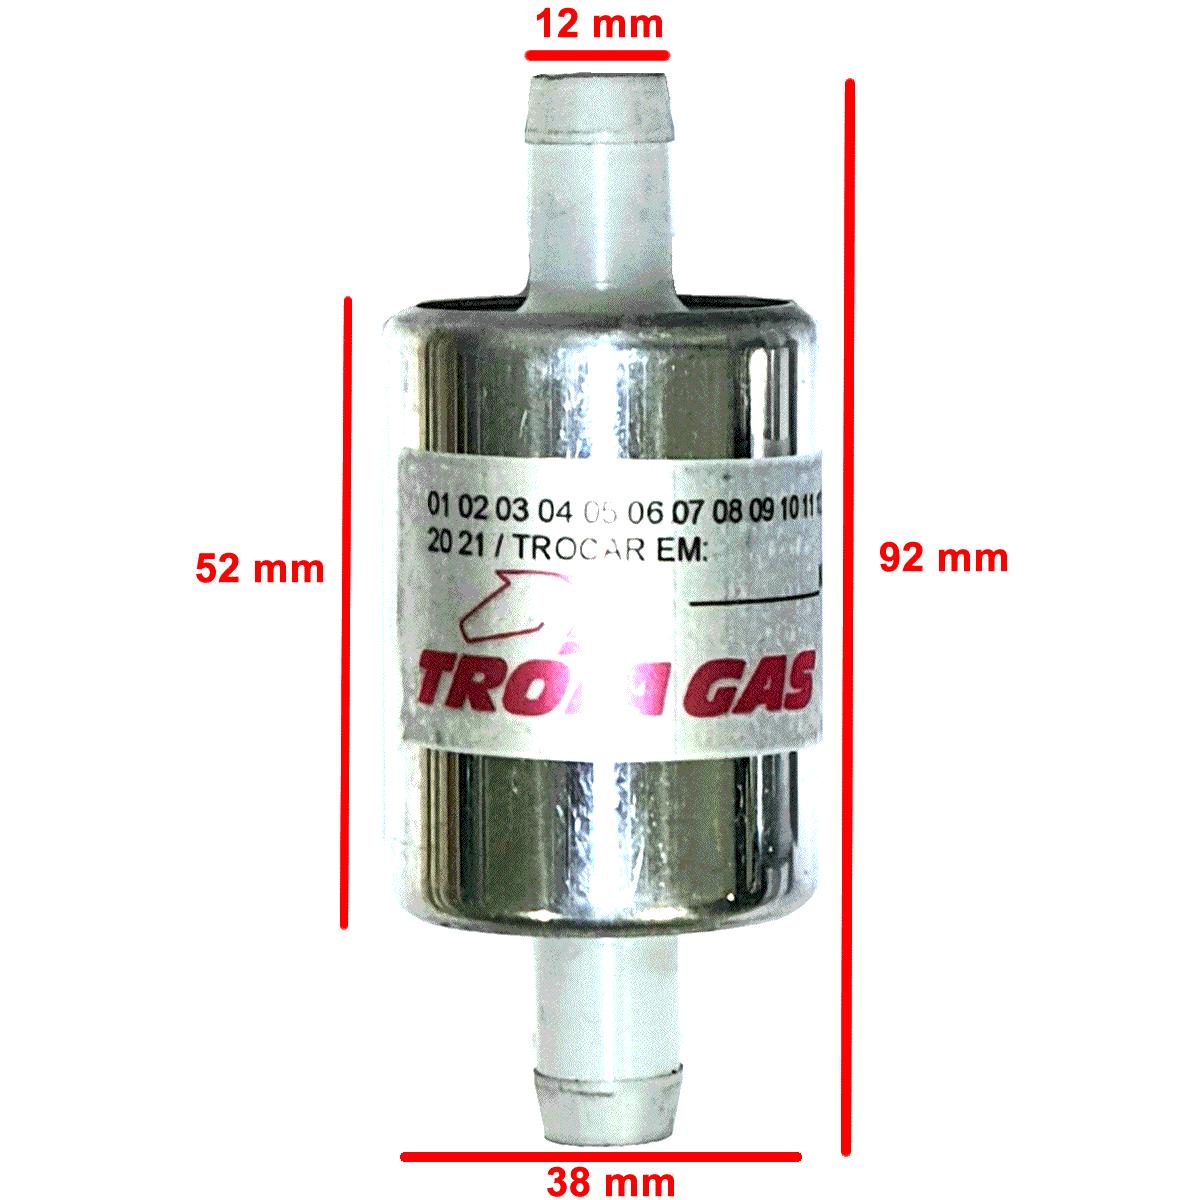 3 Filtros GNV 12 mm TROIAGAS 5ª e 6ª geração protege bicos maioria dos kits